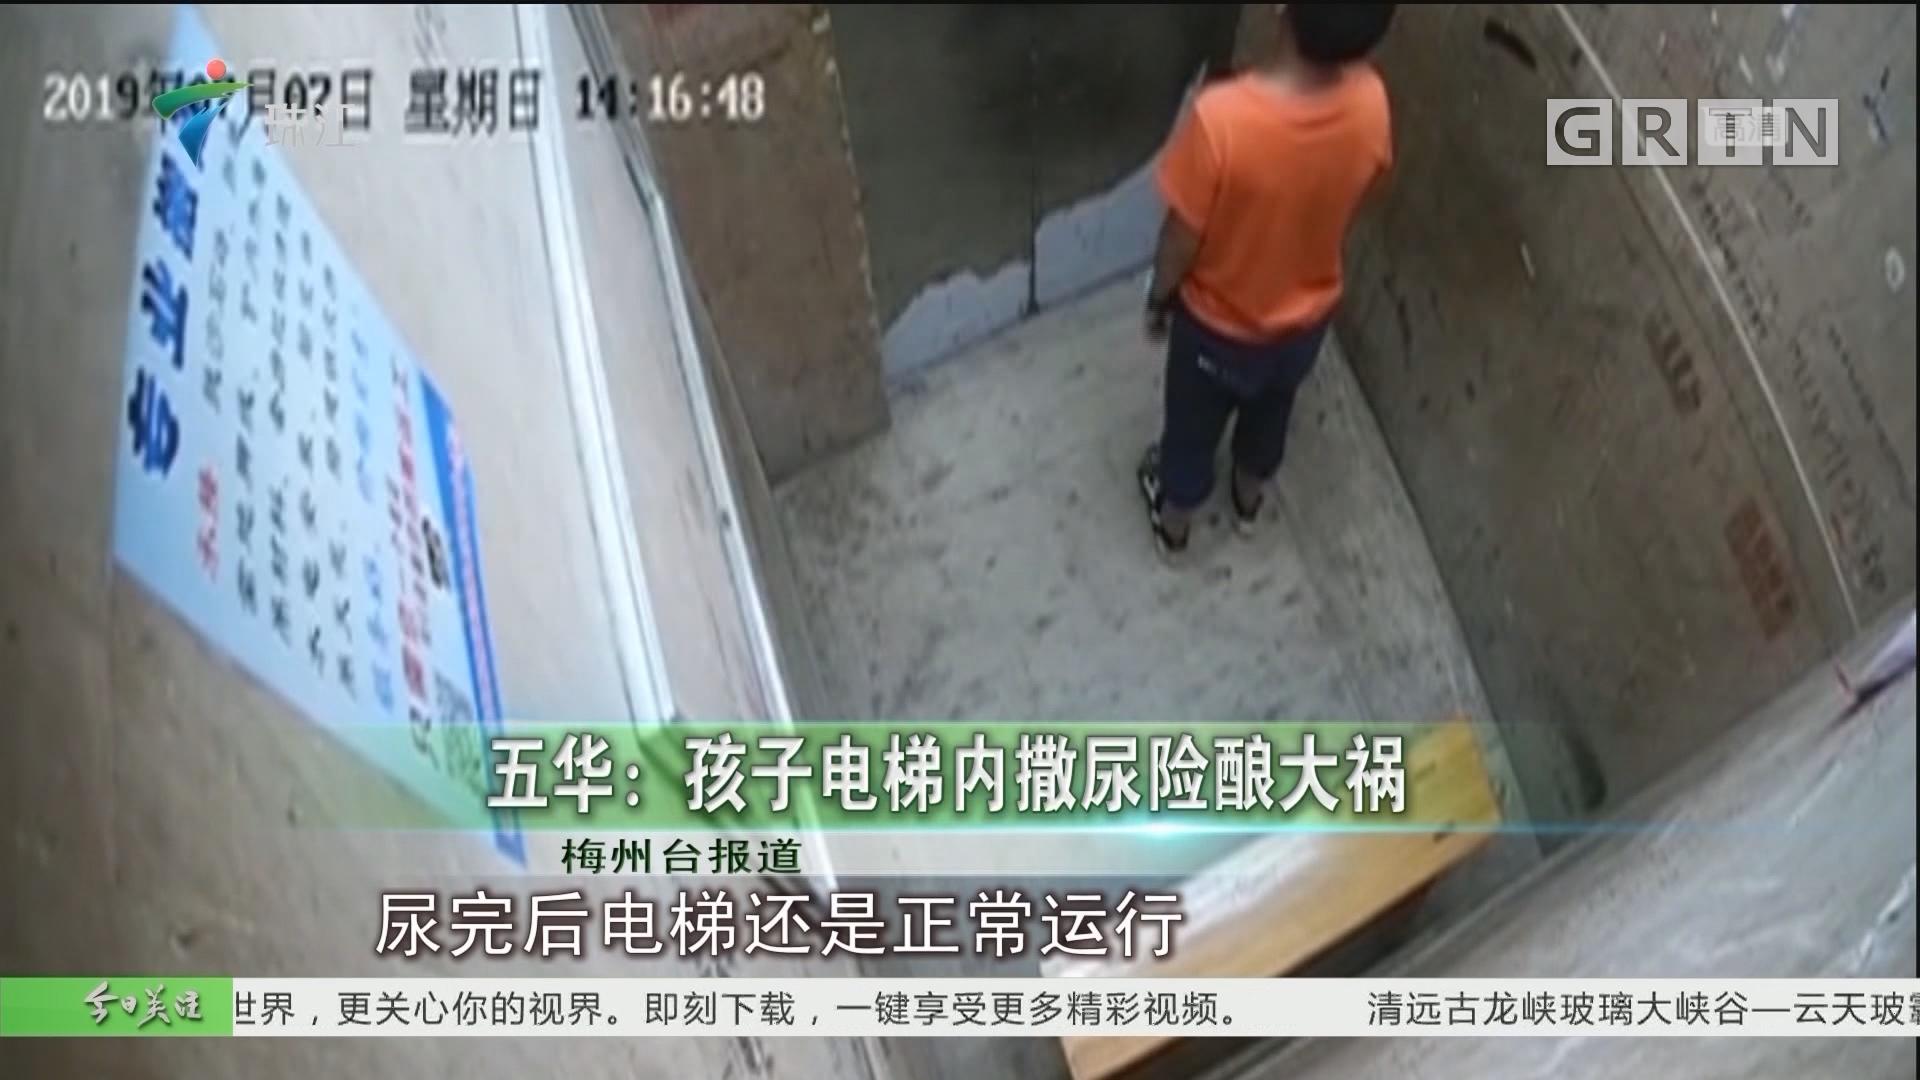 五华:孩子电梯内撒尿险酿大祸